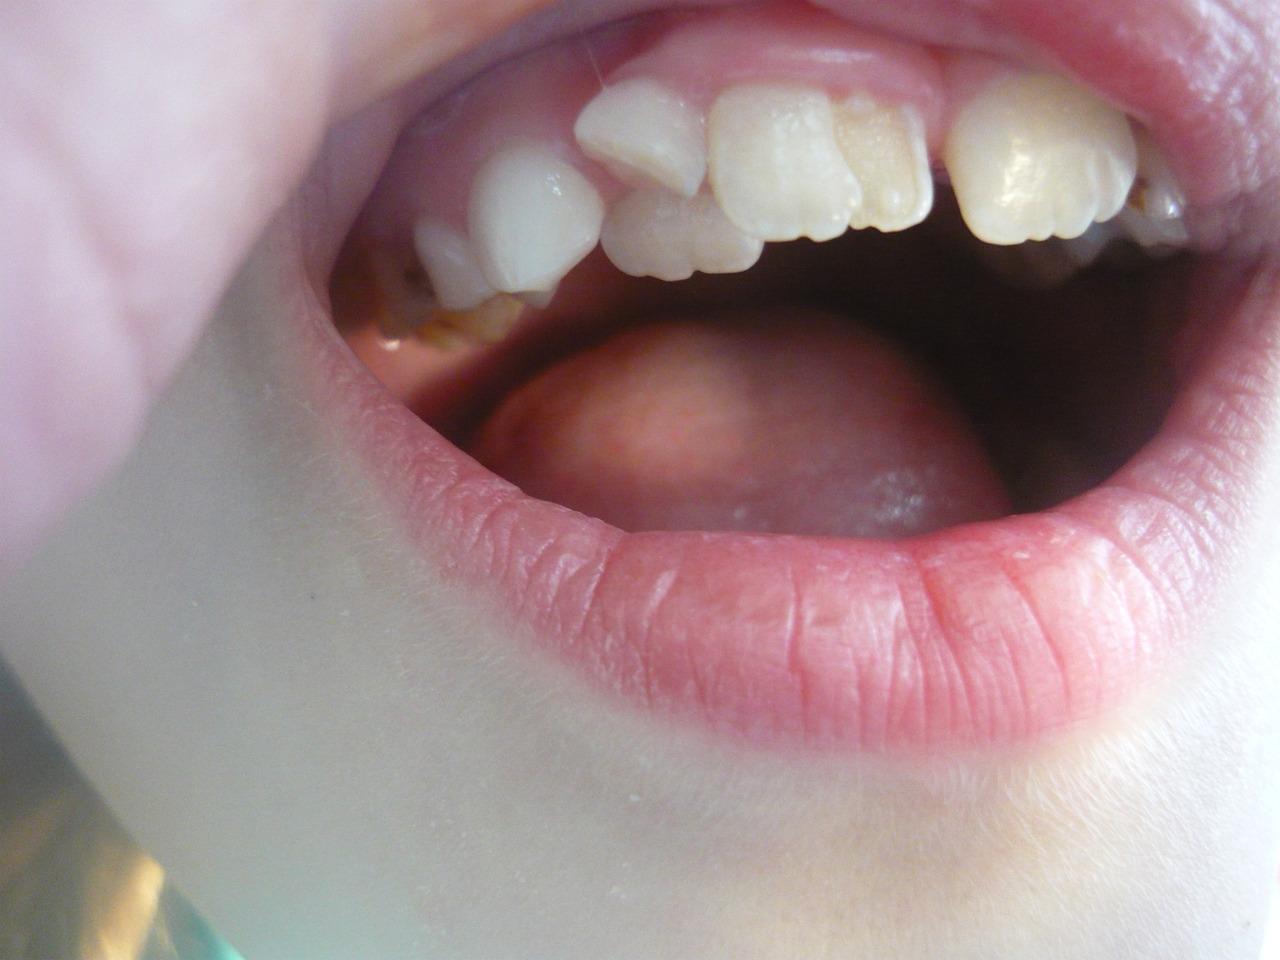 Рис. 1. Зуб 11 (аномалия структуры твердых тканей зуба) в стадии прорезывания у пациентки 7 лет.